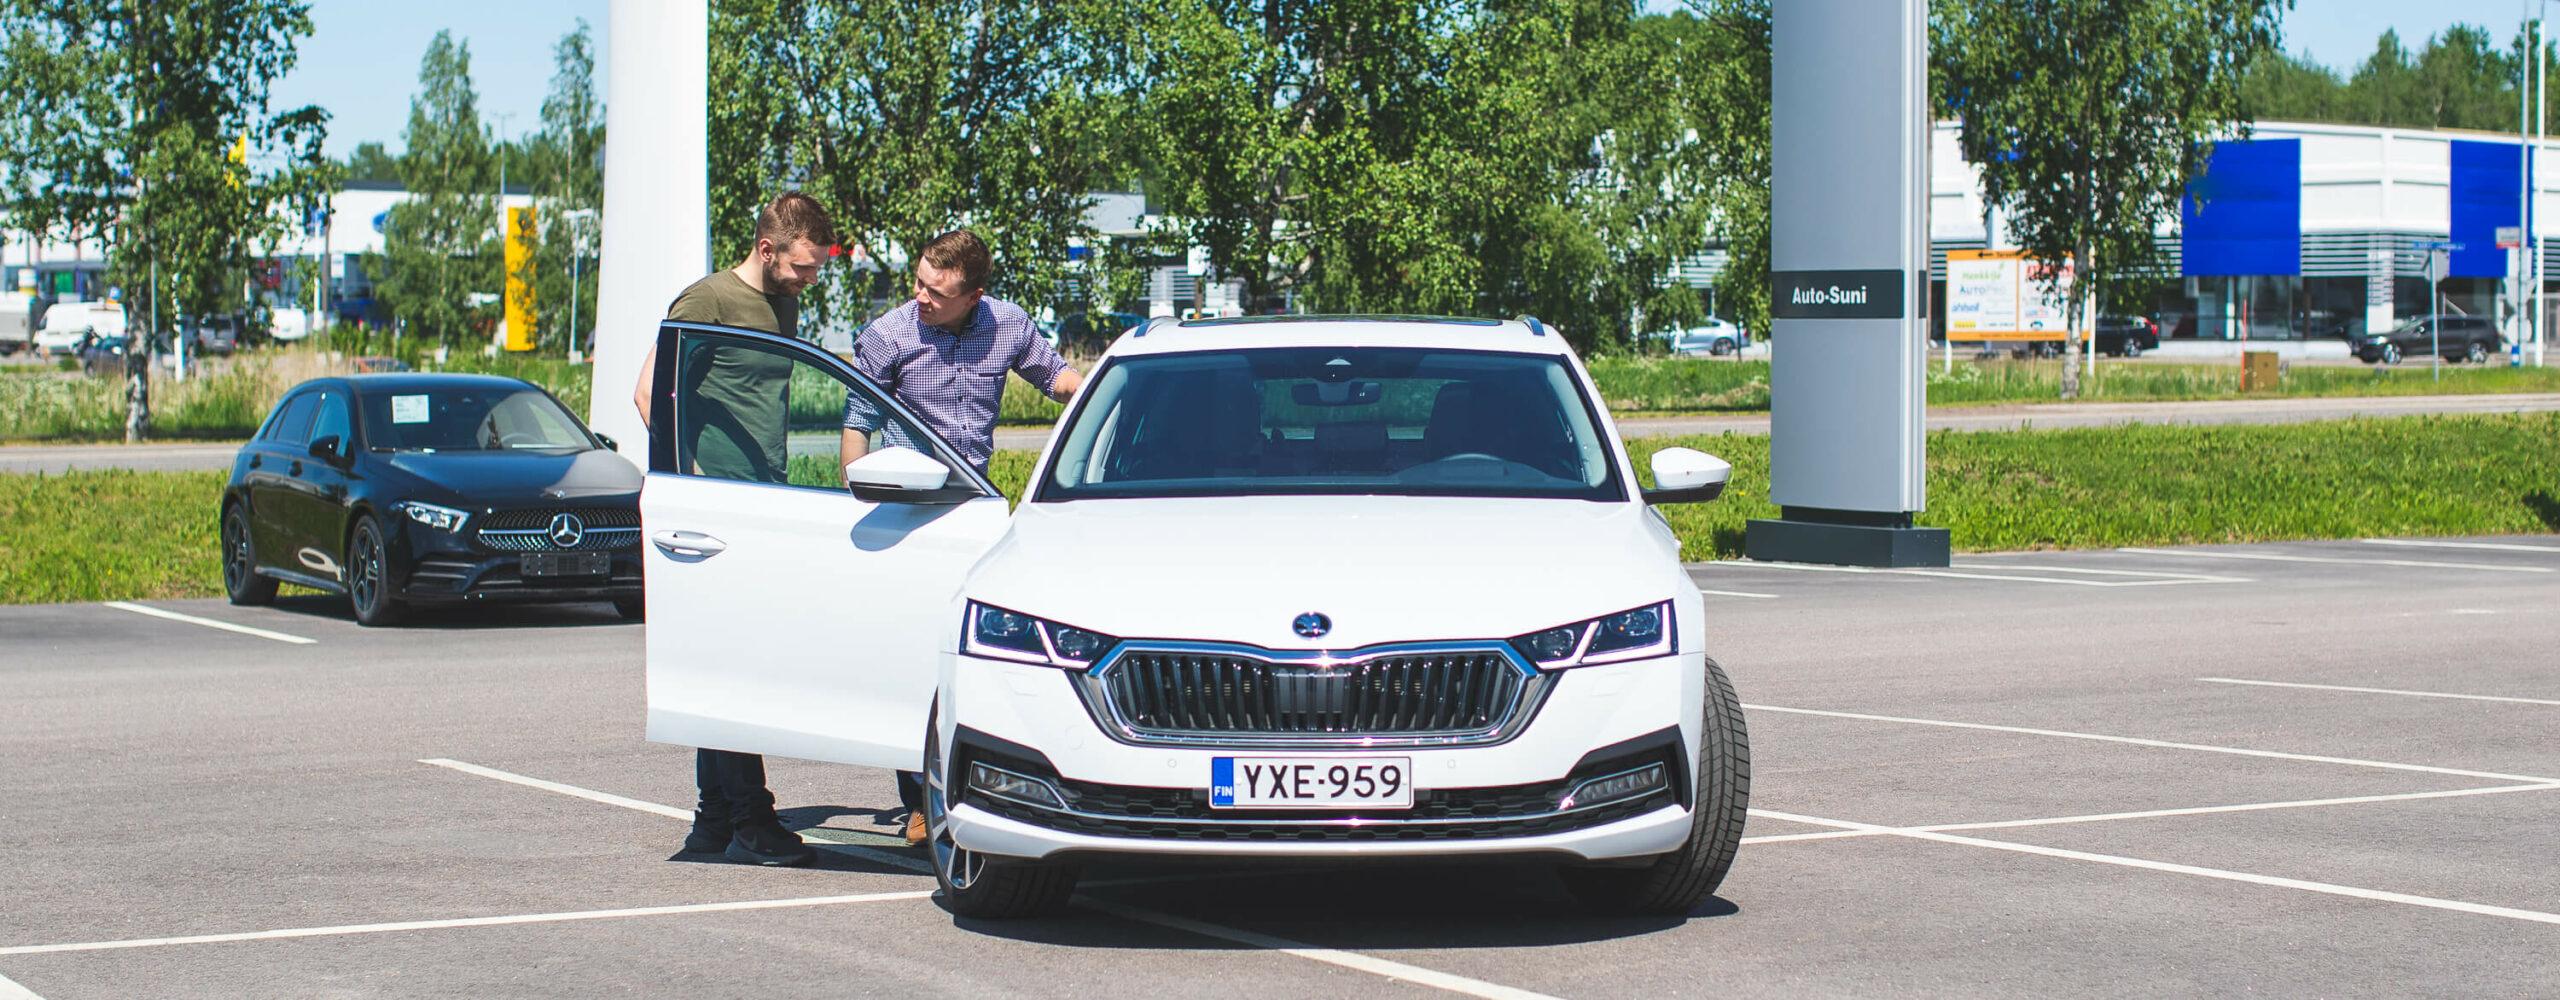 Täysin uusi Škoda Octavia